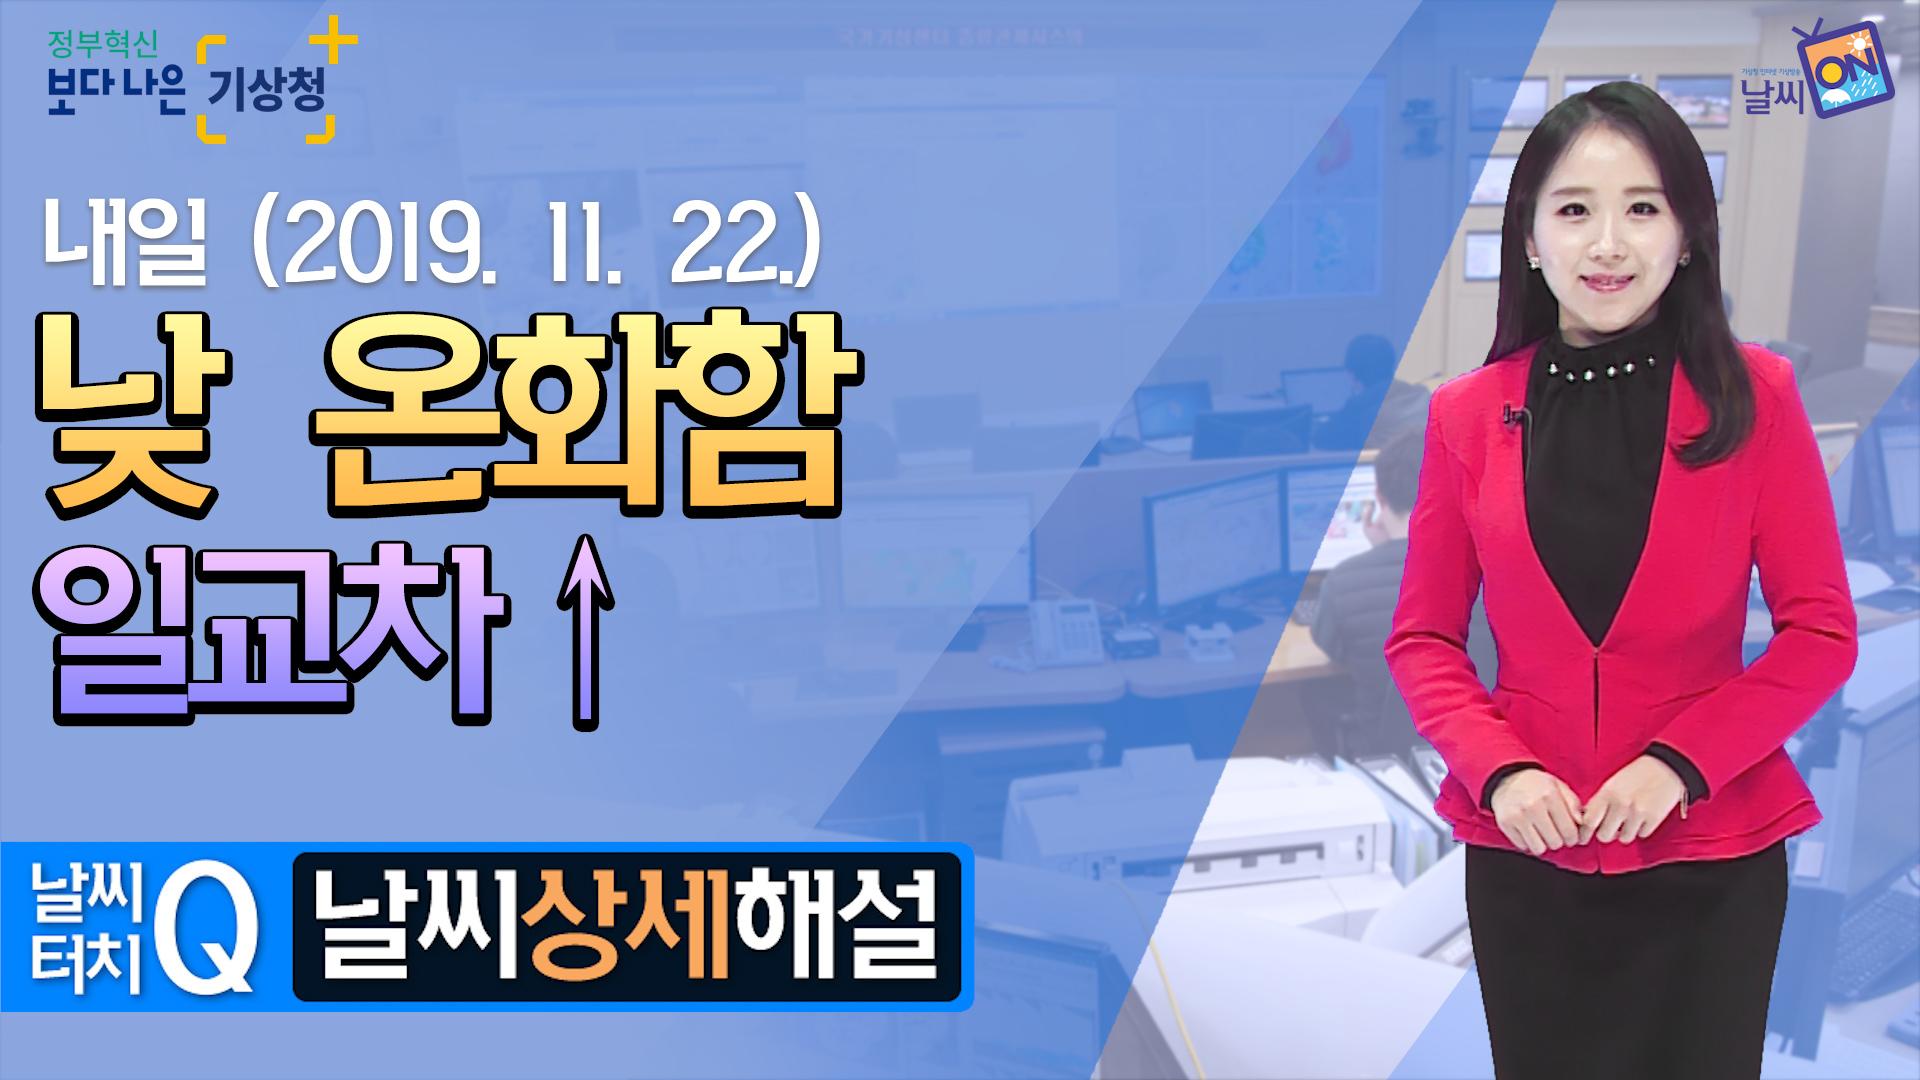 [19시] 11월 22일(금) 낮 온화함, 일교차↑